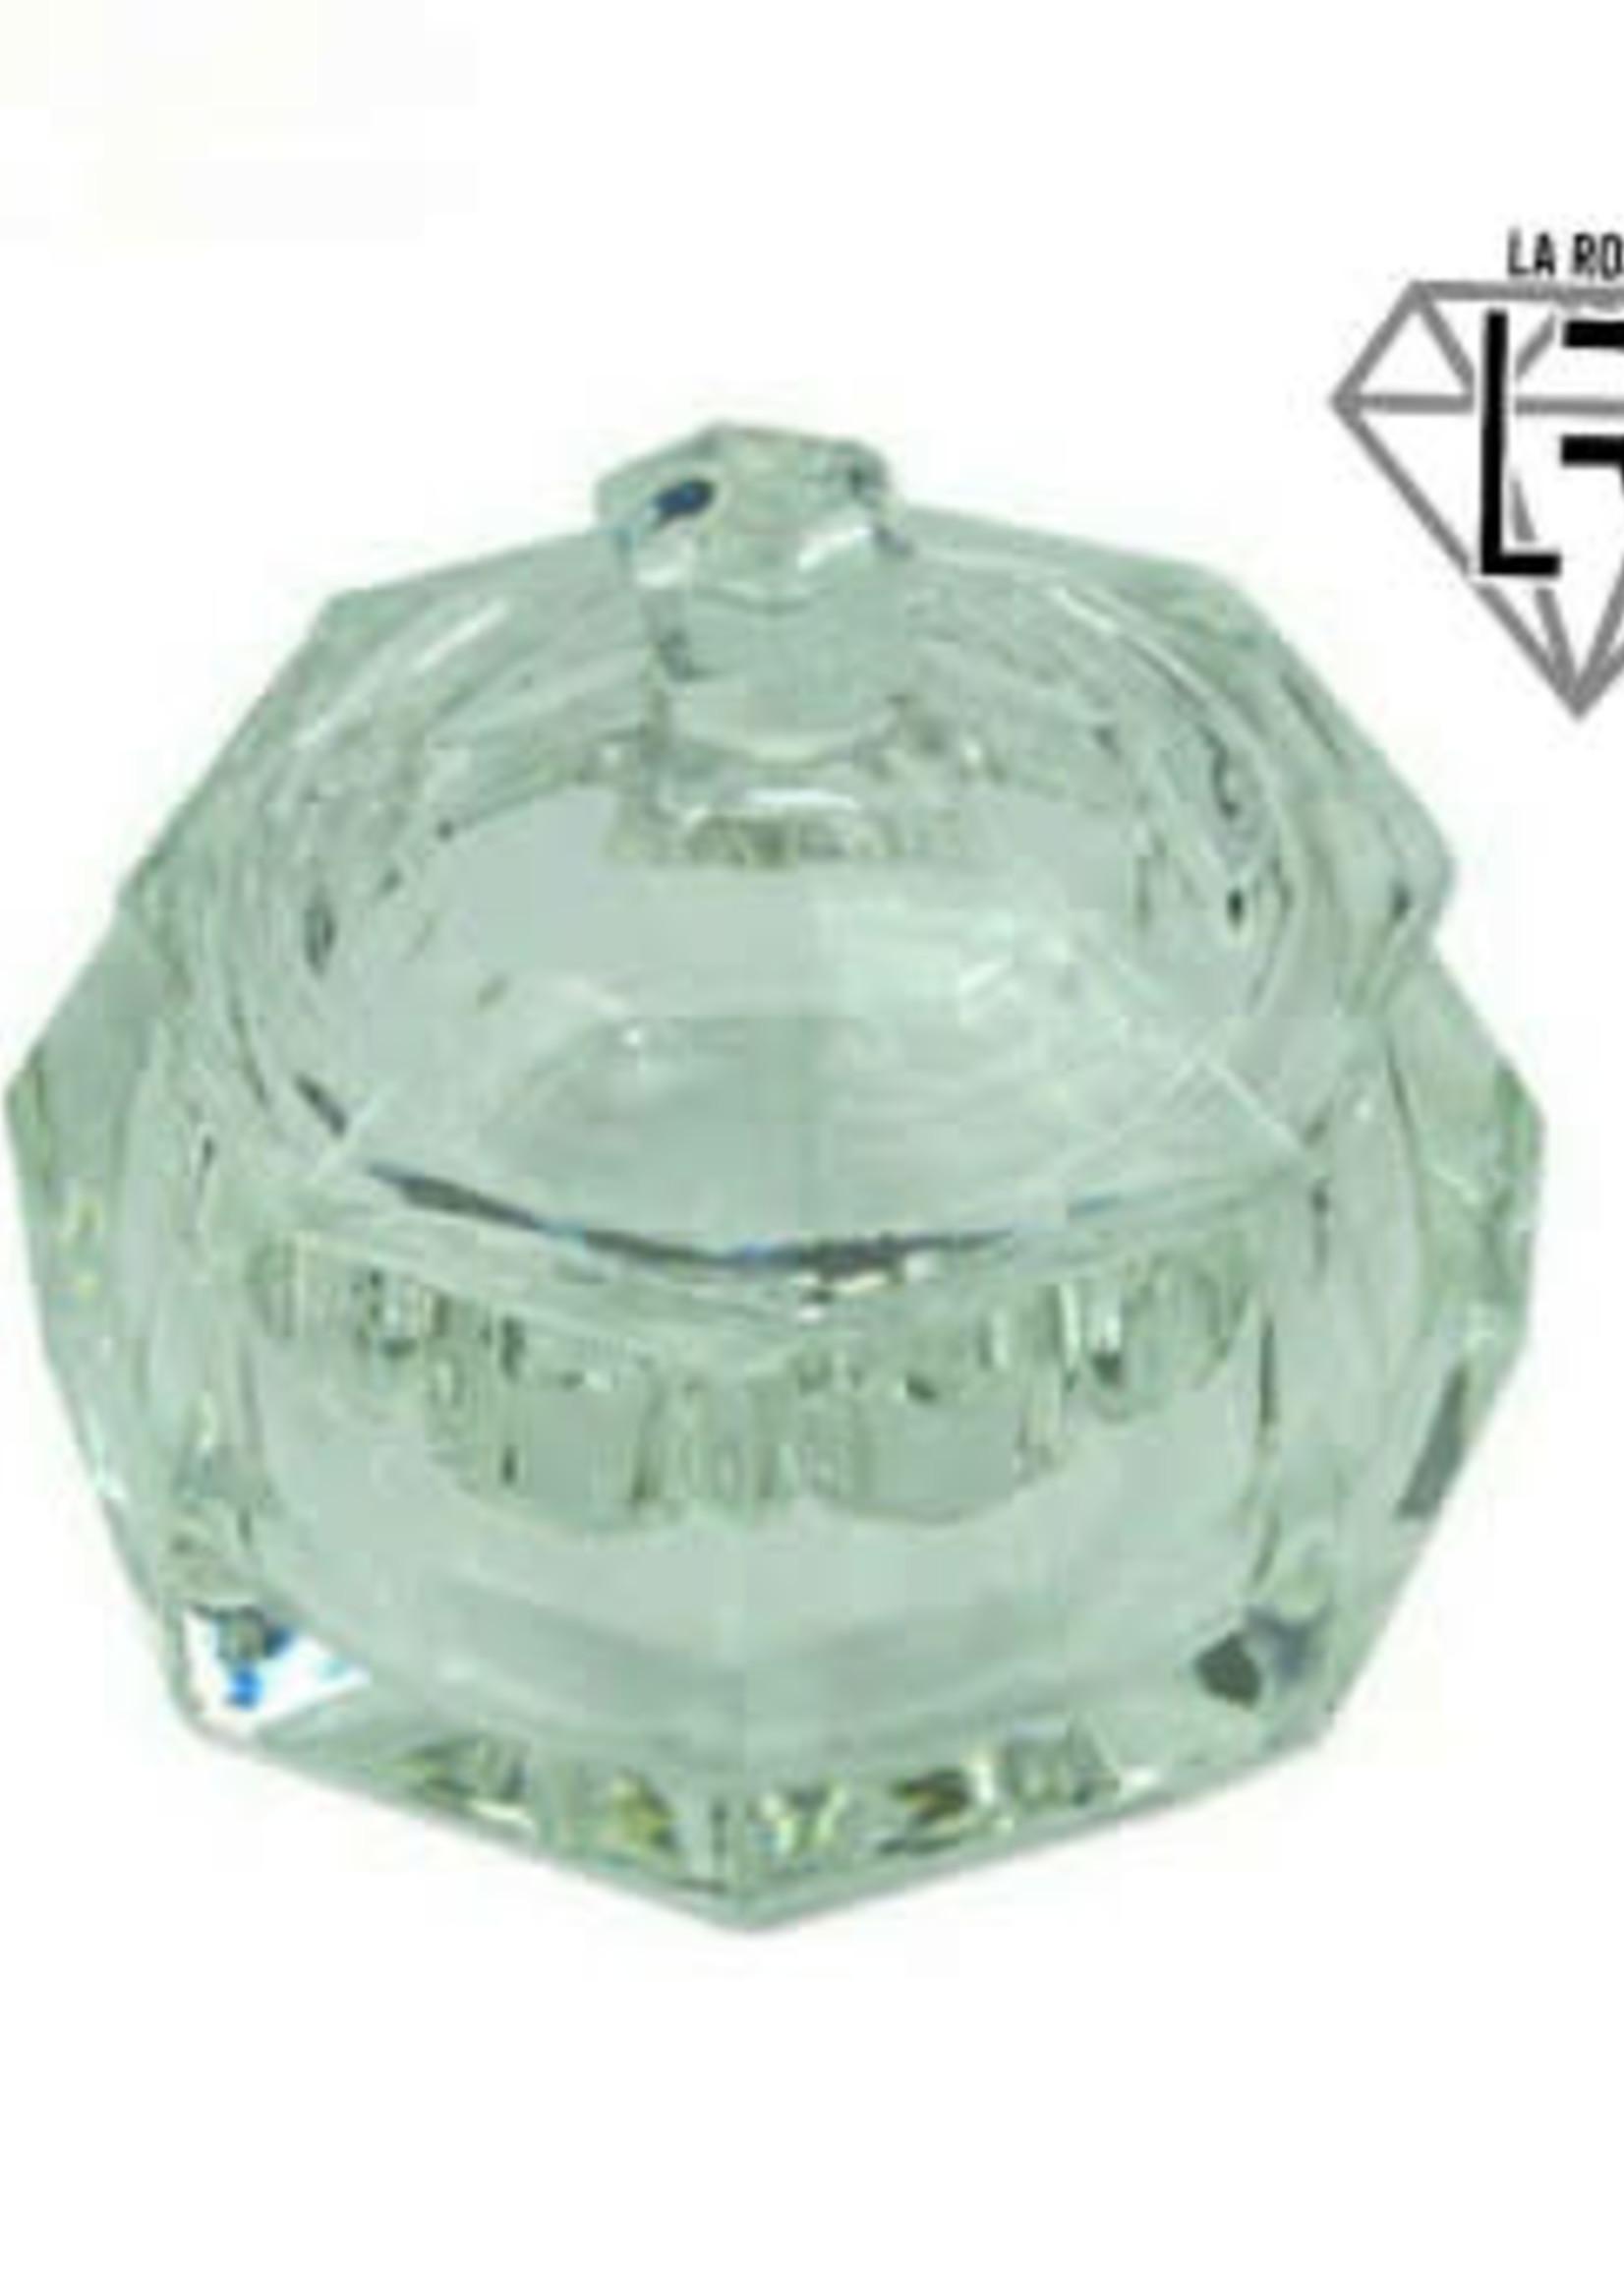 La Ross Grote Diamond dappendish